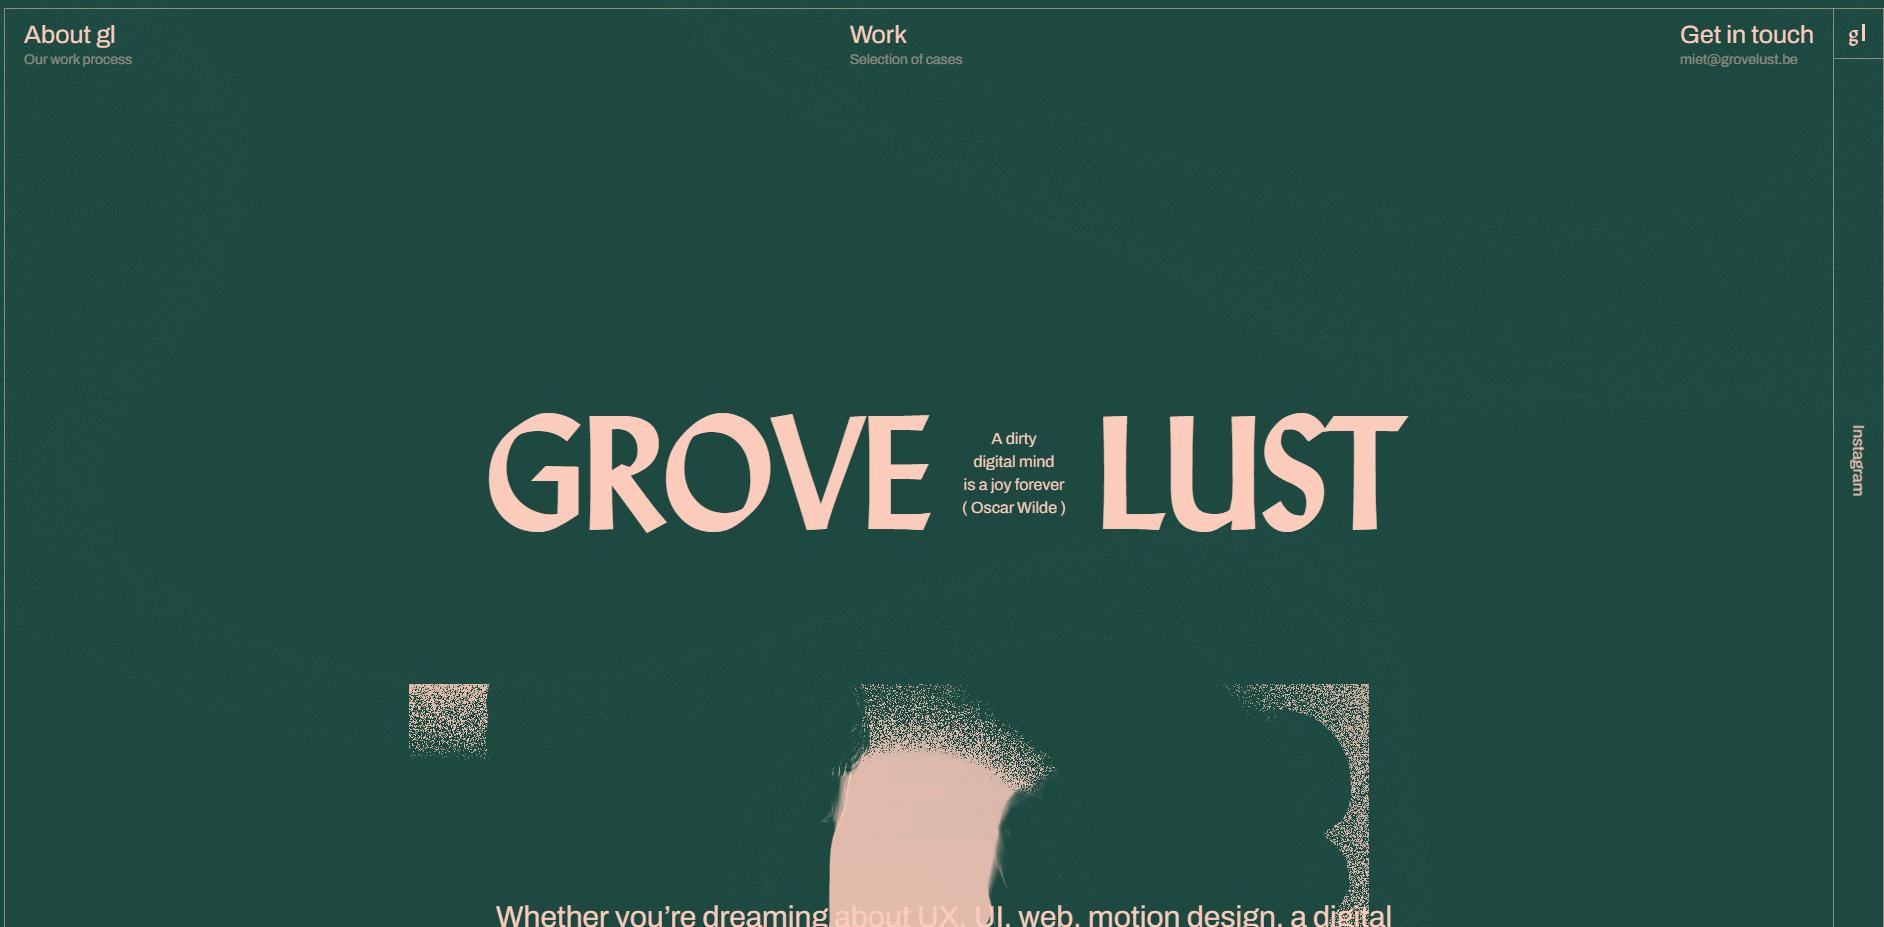 Best Agency Website for GROVE LUST